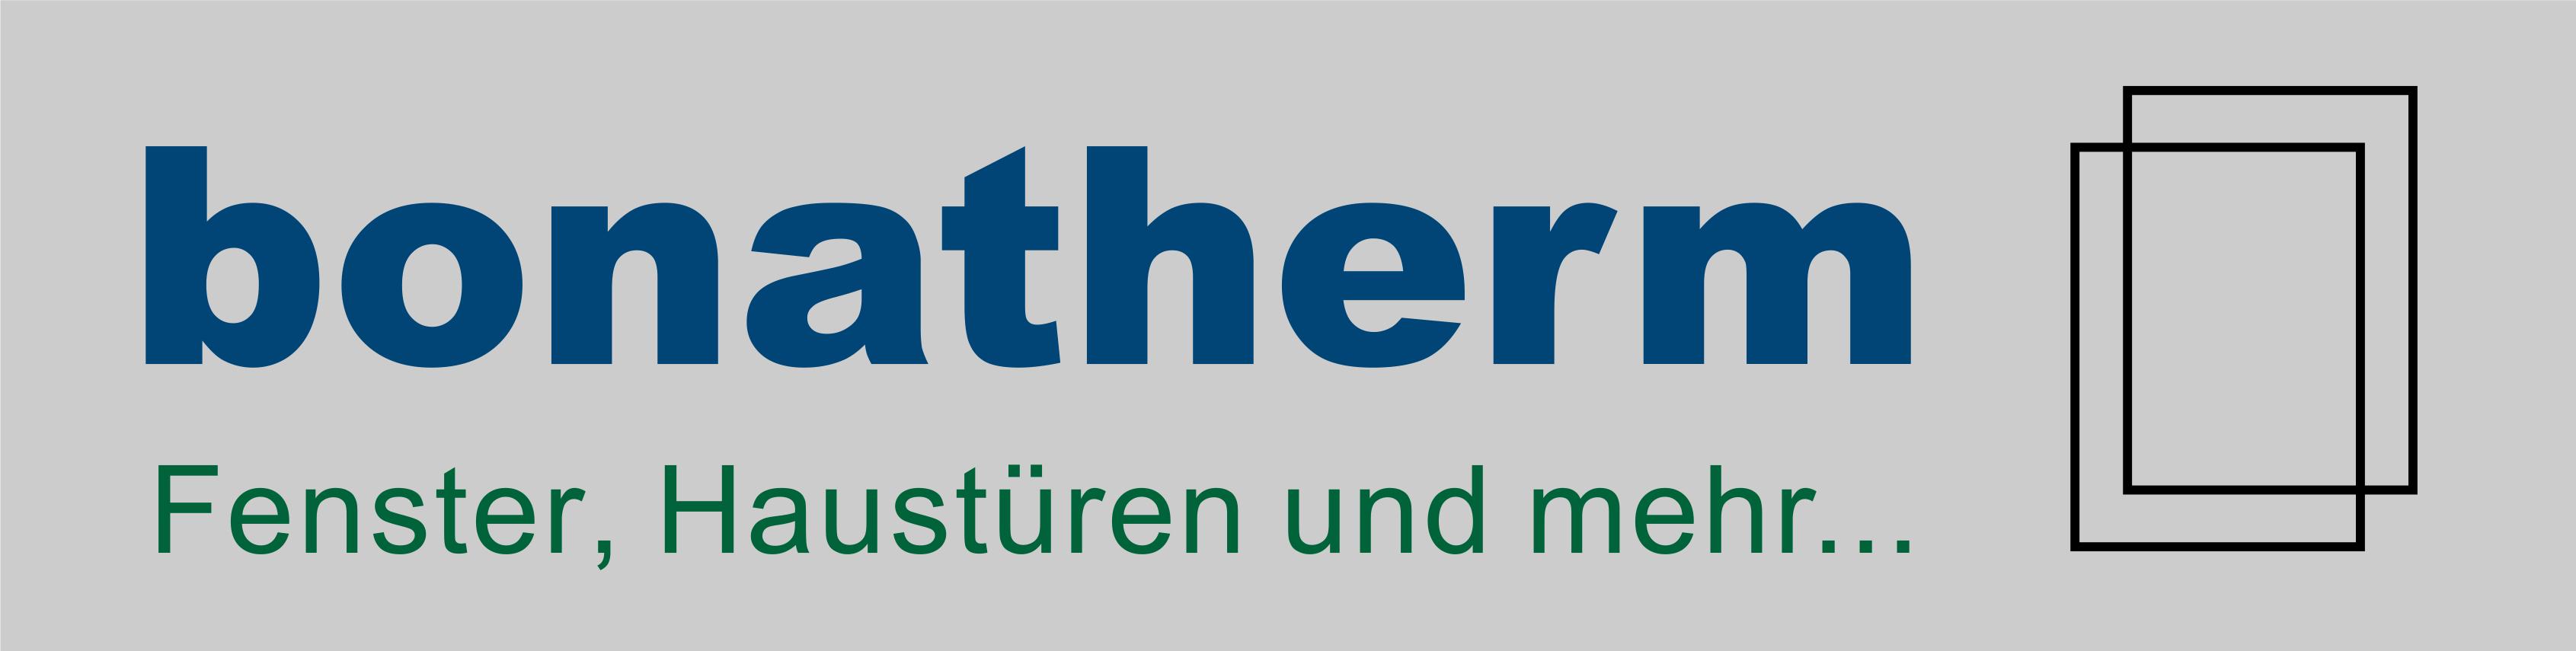 Bonatherm Isolierglas GmbH